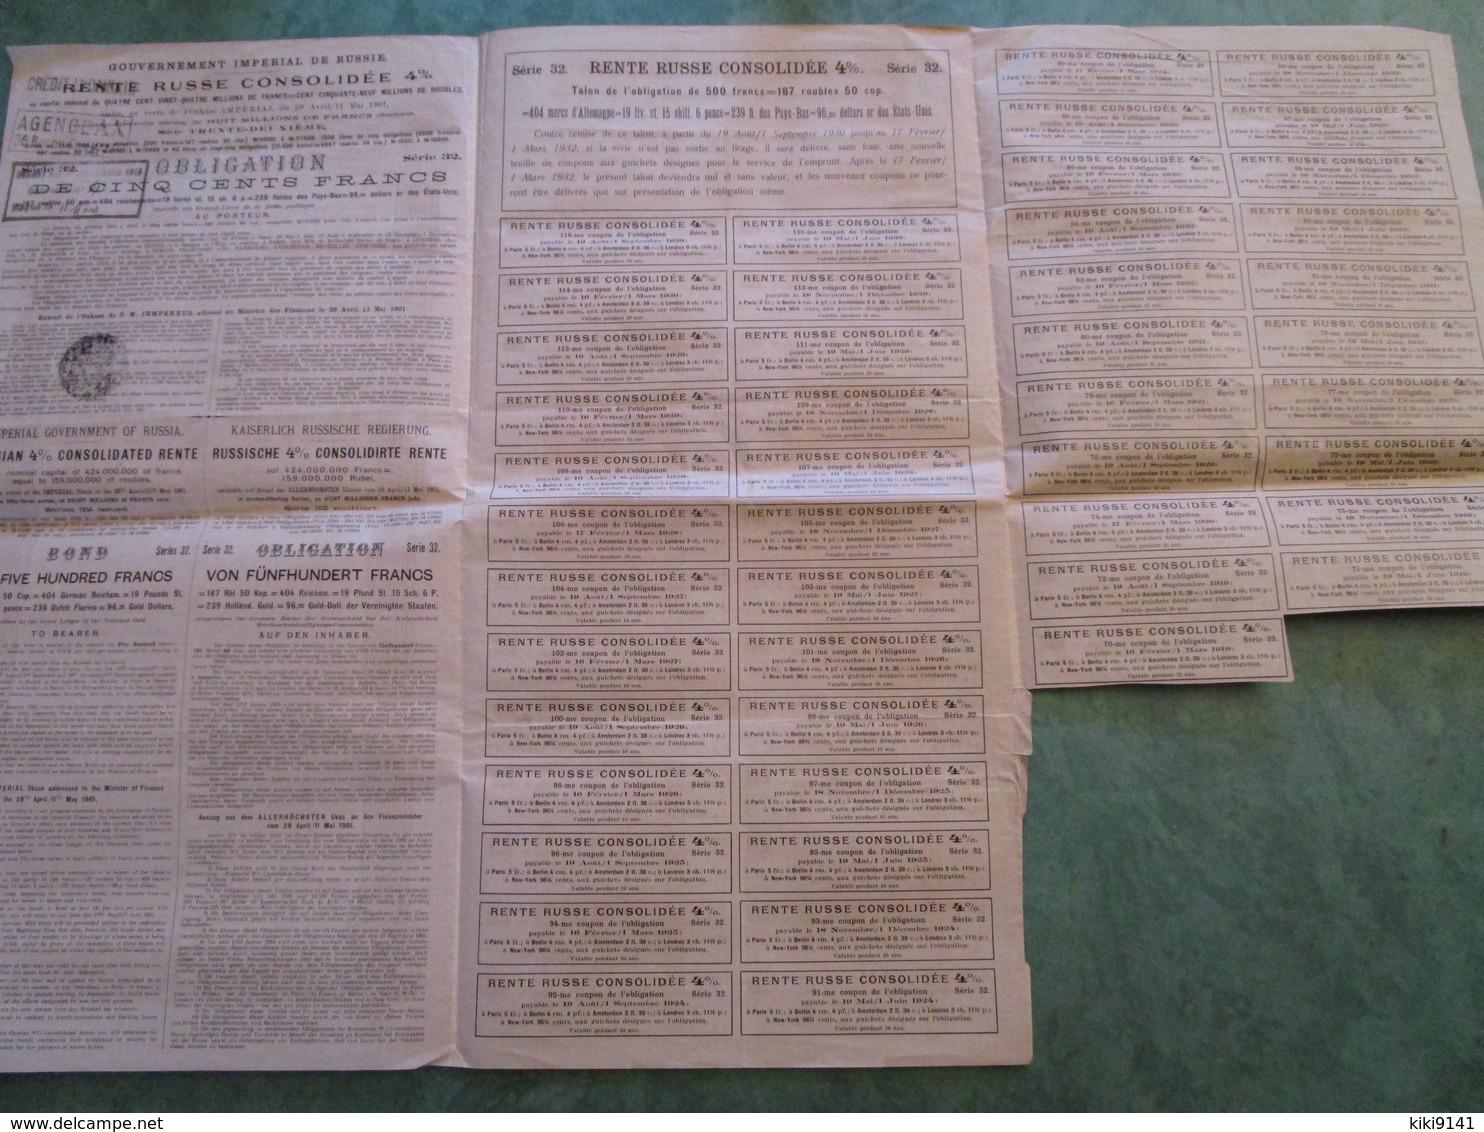 RENTE RUSSE CONSOLIDEE 4% - Obligation De CINQ CENTS FRANCS Au Porteur N° 1716 - Russie